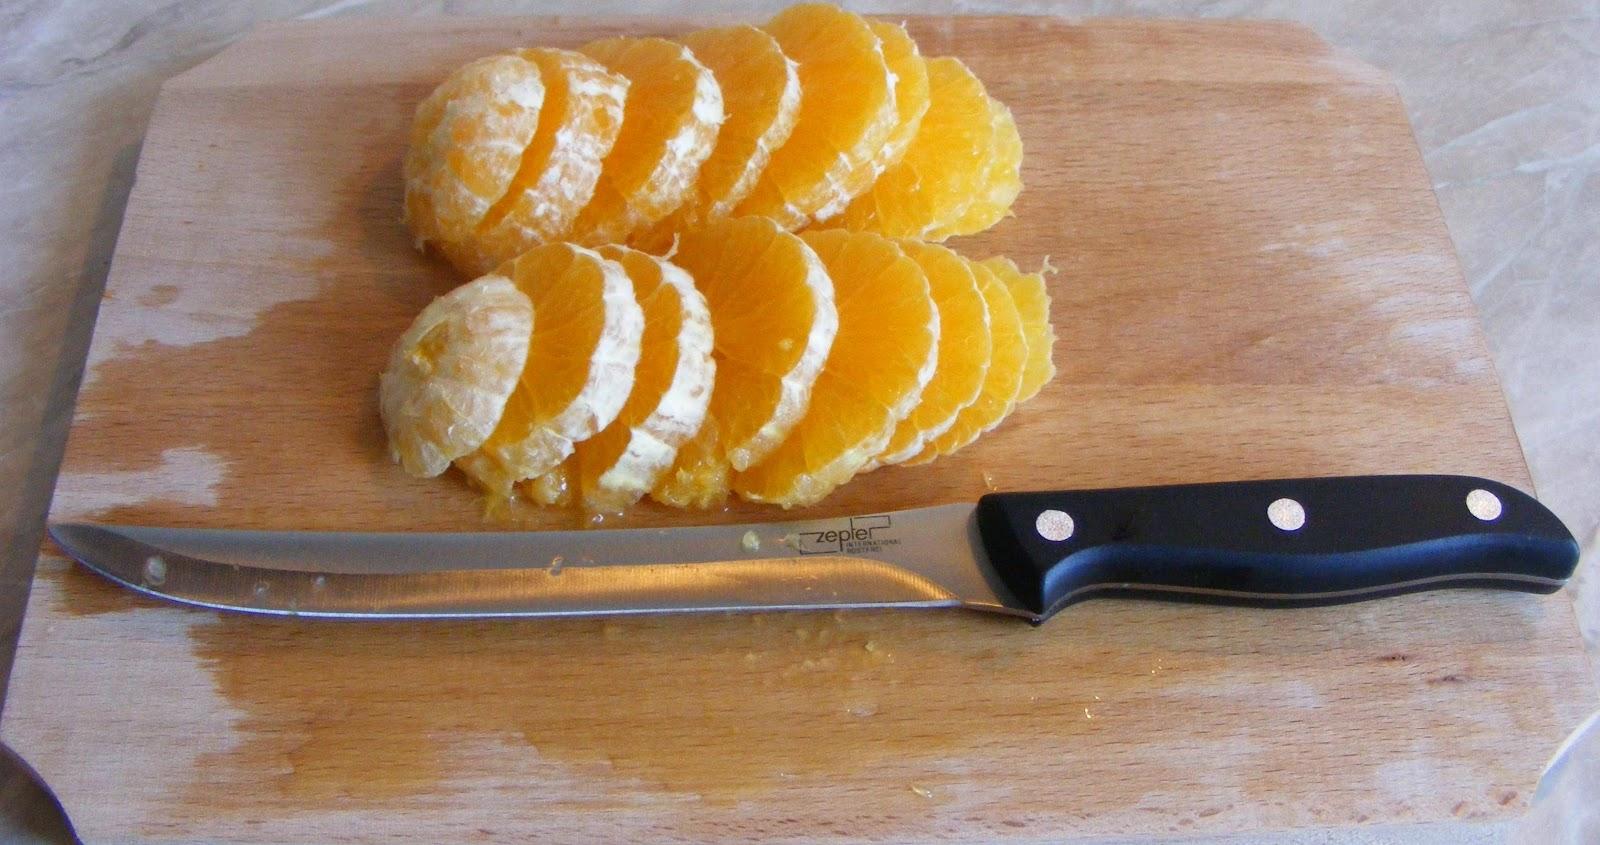 preparare dulceata de portocale, cum se prepara dulceata de portocale, cum facem dulceata de portocale, retete si preparate culinare gemuri si dulceturi de casa pentru iarna, retete cu fructe, reteta cu portocale,